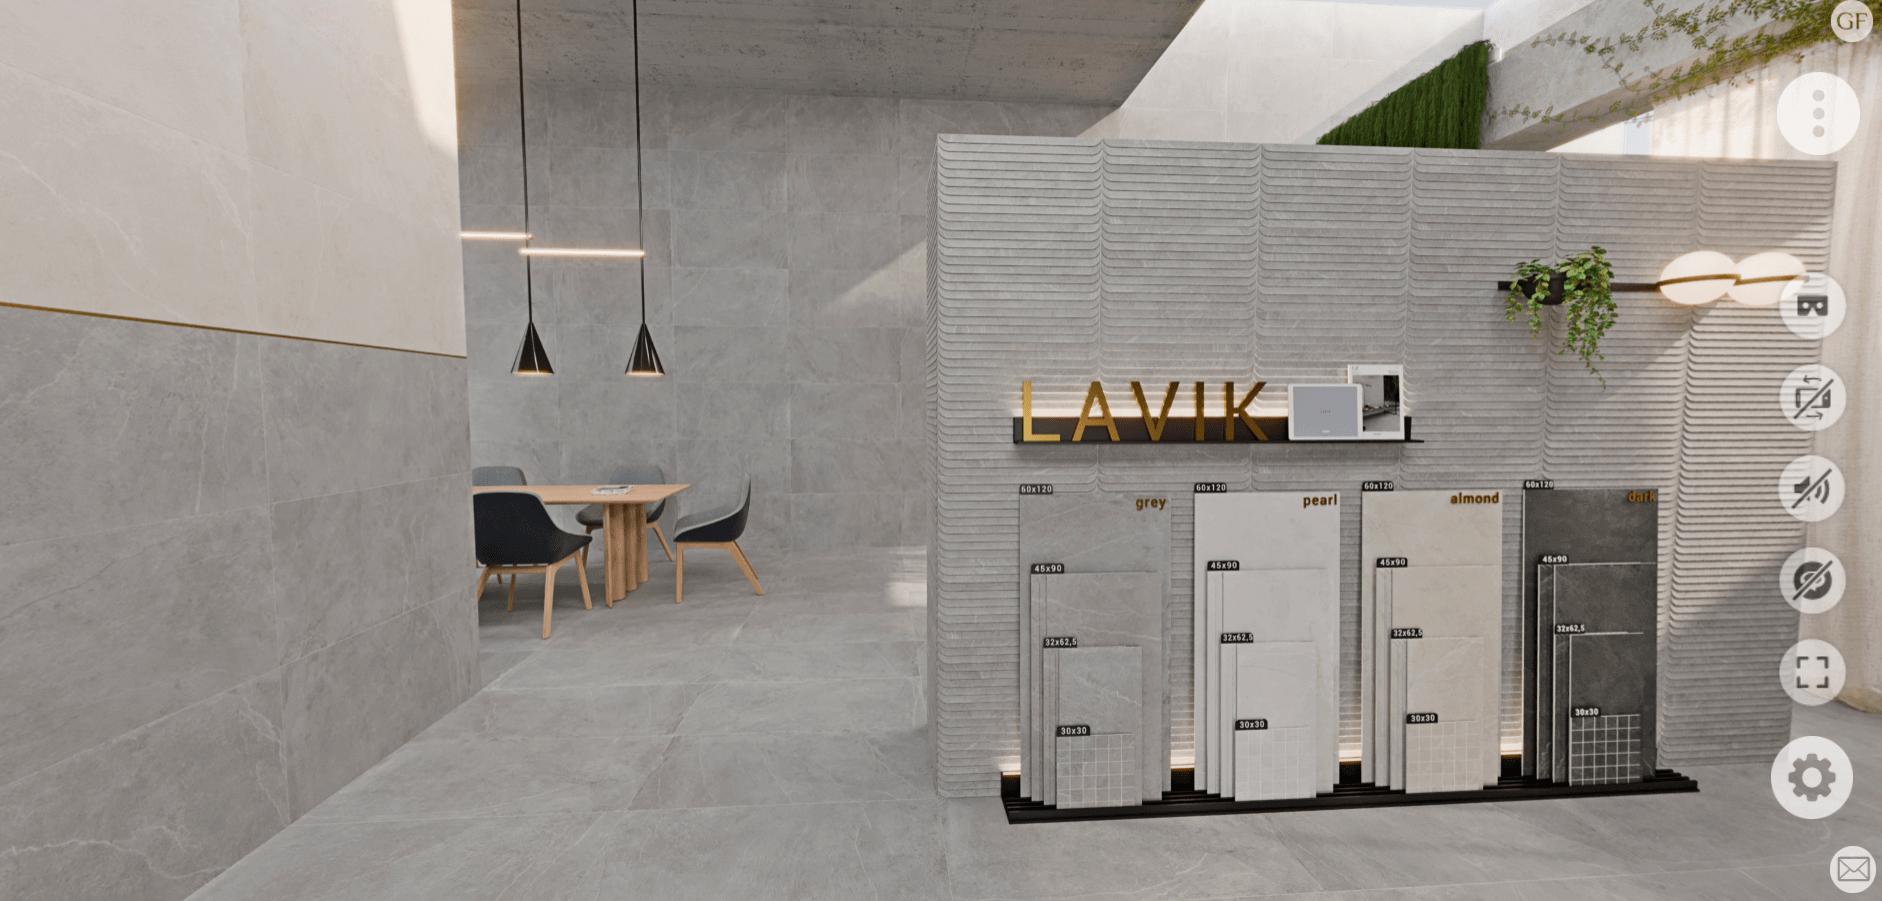 Gayafores Lavik App Porcelain Tiles 6